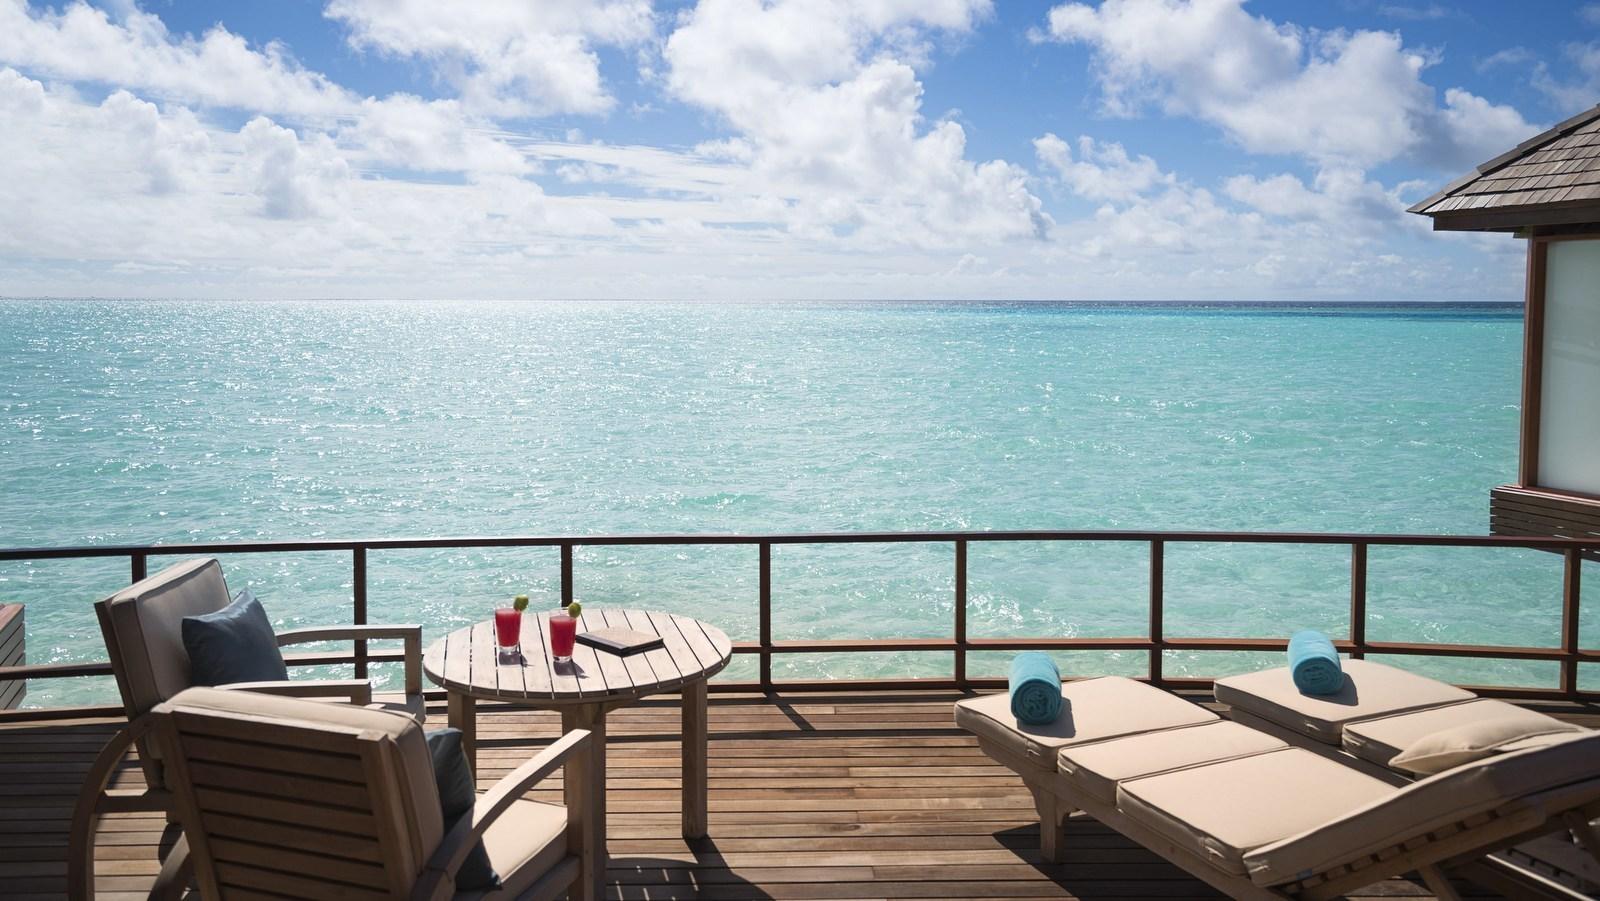 Мальдивы, отель Anantara Dhigu Maldives Resort, номер Over Water Suite